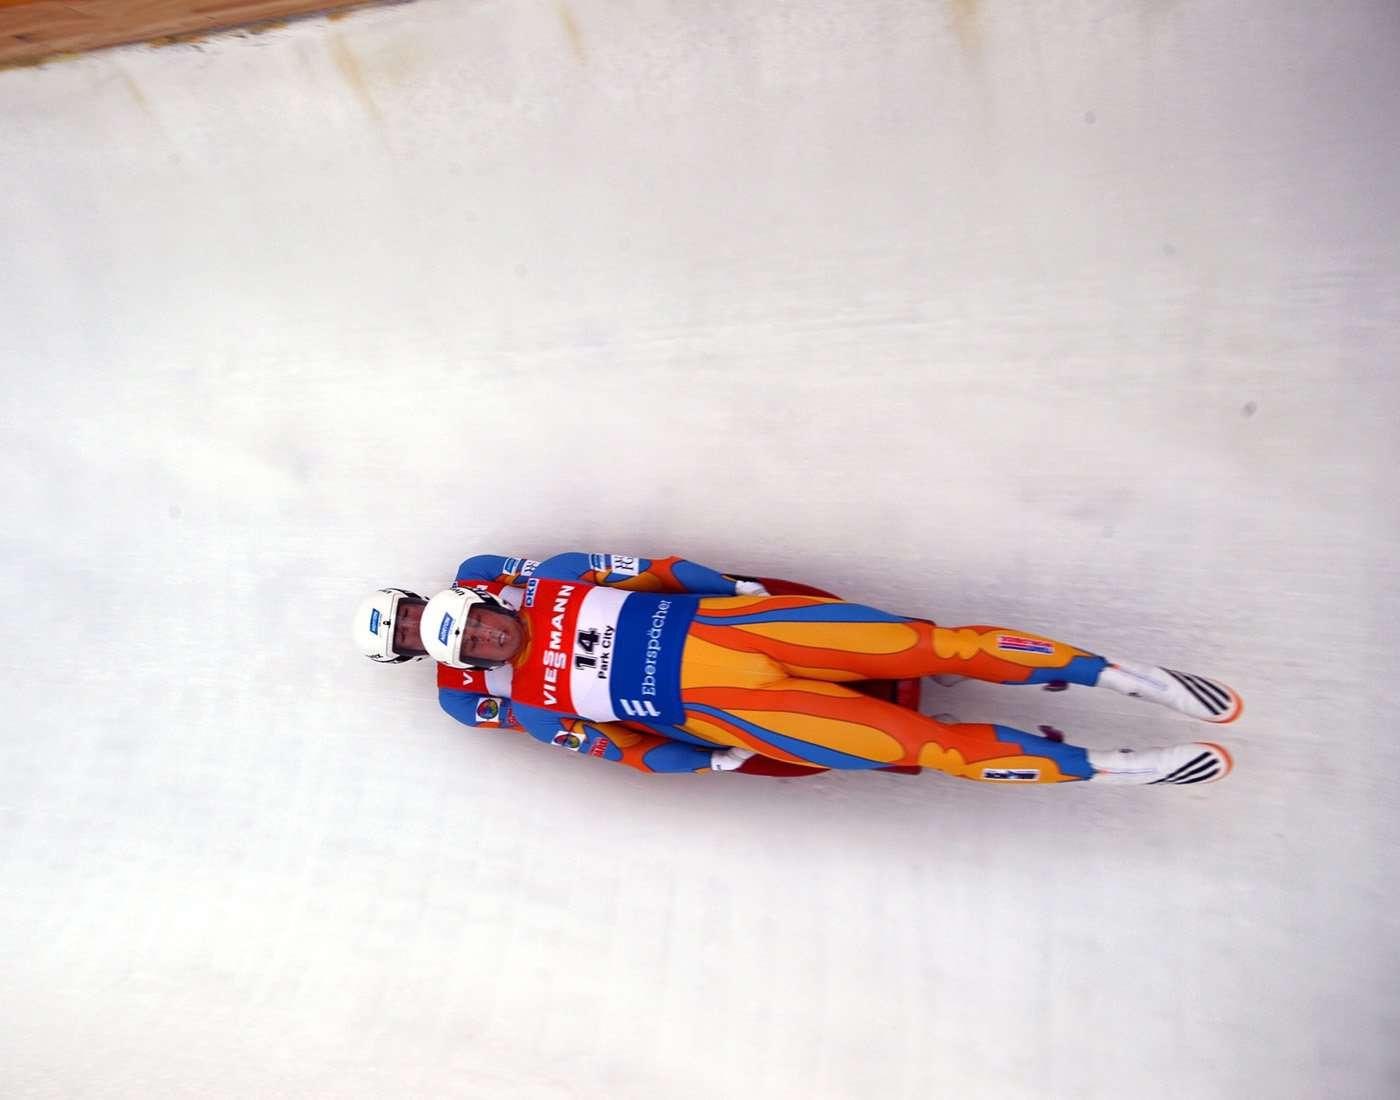 Luge winter sport